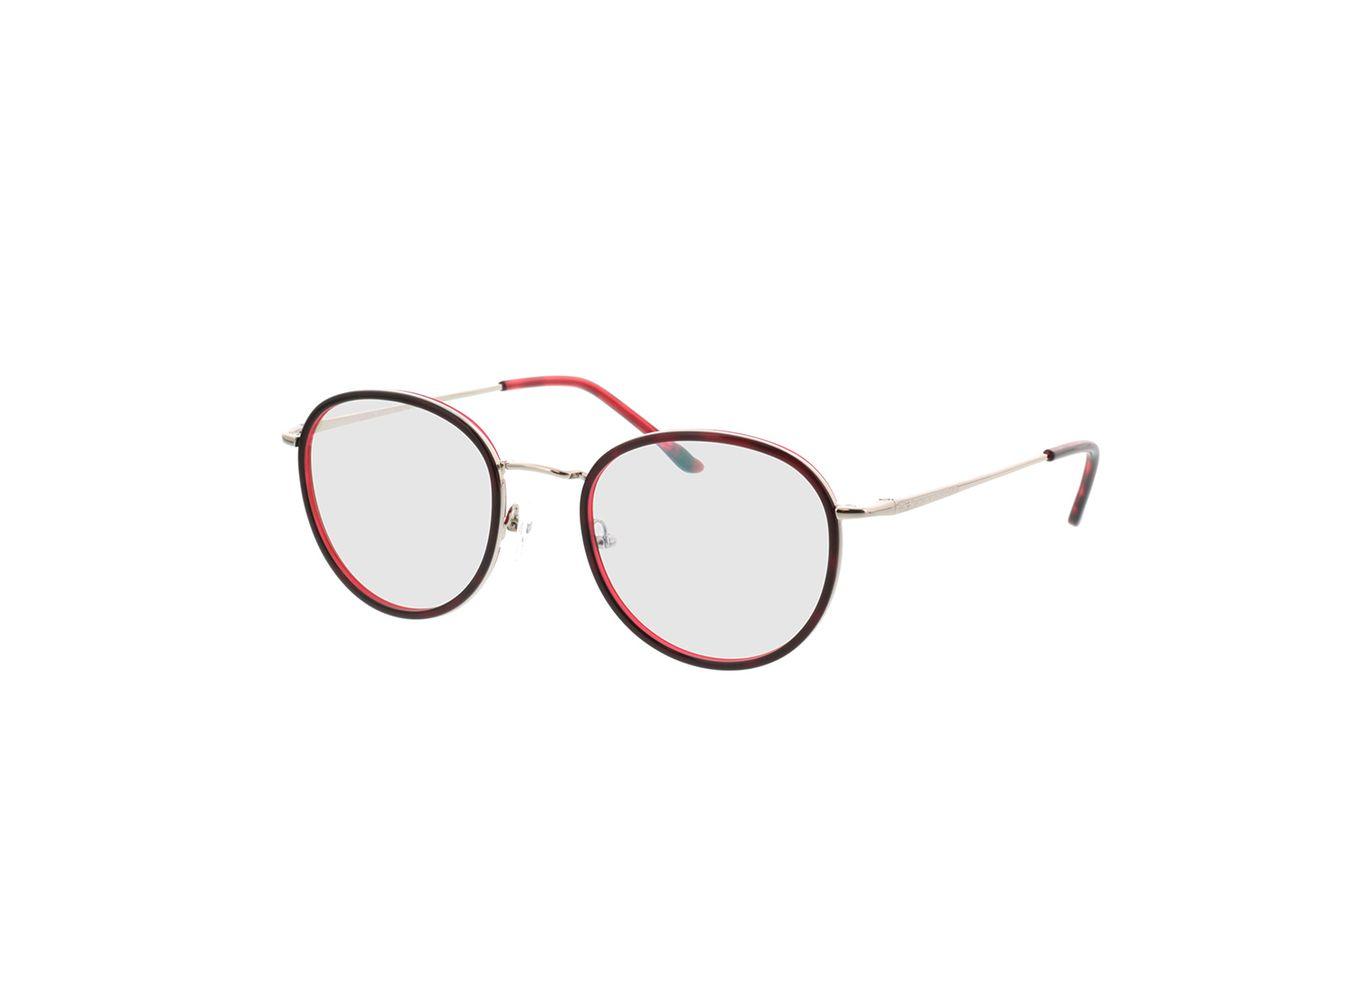 4891-singlevision-0000 Valby-rot/silber Gleitsichtbrille, Vollrand, Rund Brille24 Collection